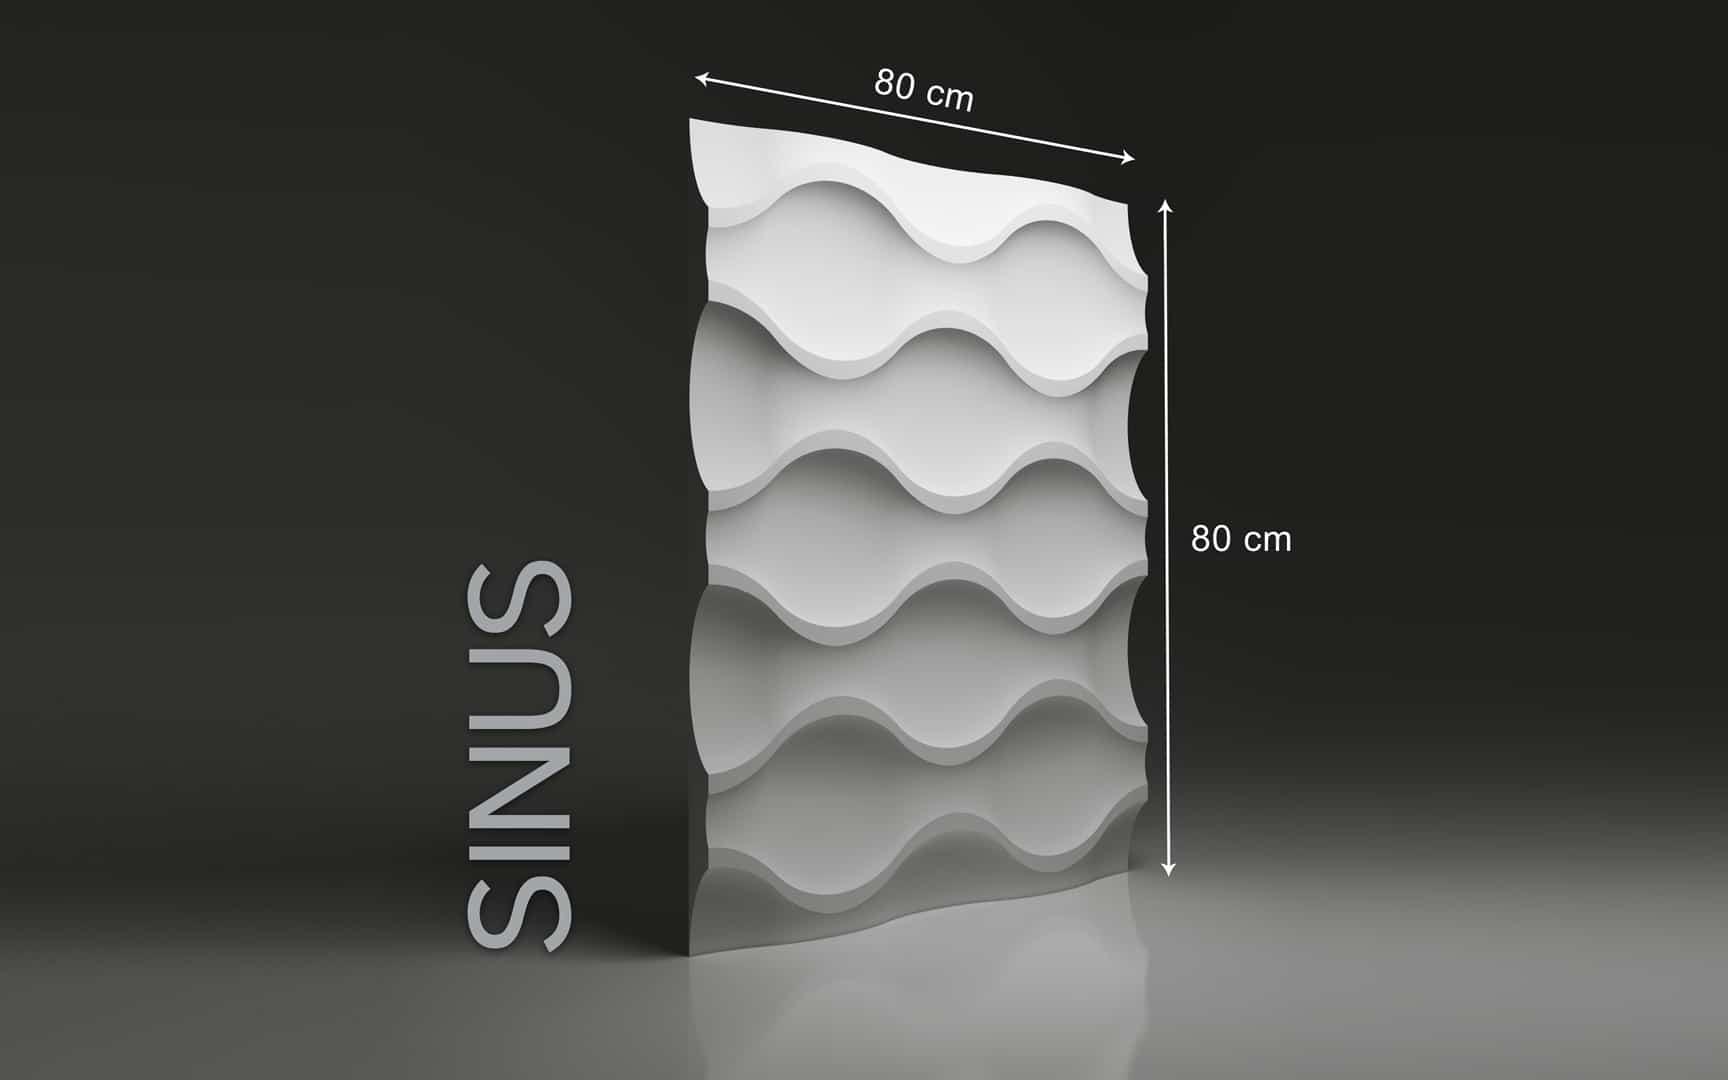 SINUS DIMENSIONS : hauteur 80 cm x largeur 80 cm ÉPAISSEUR : de 1,5 cm à 4,0 cm POIDS : environ 15 kg